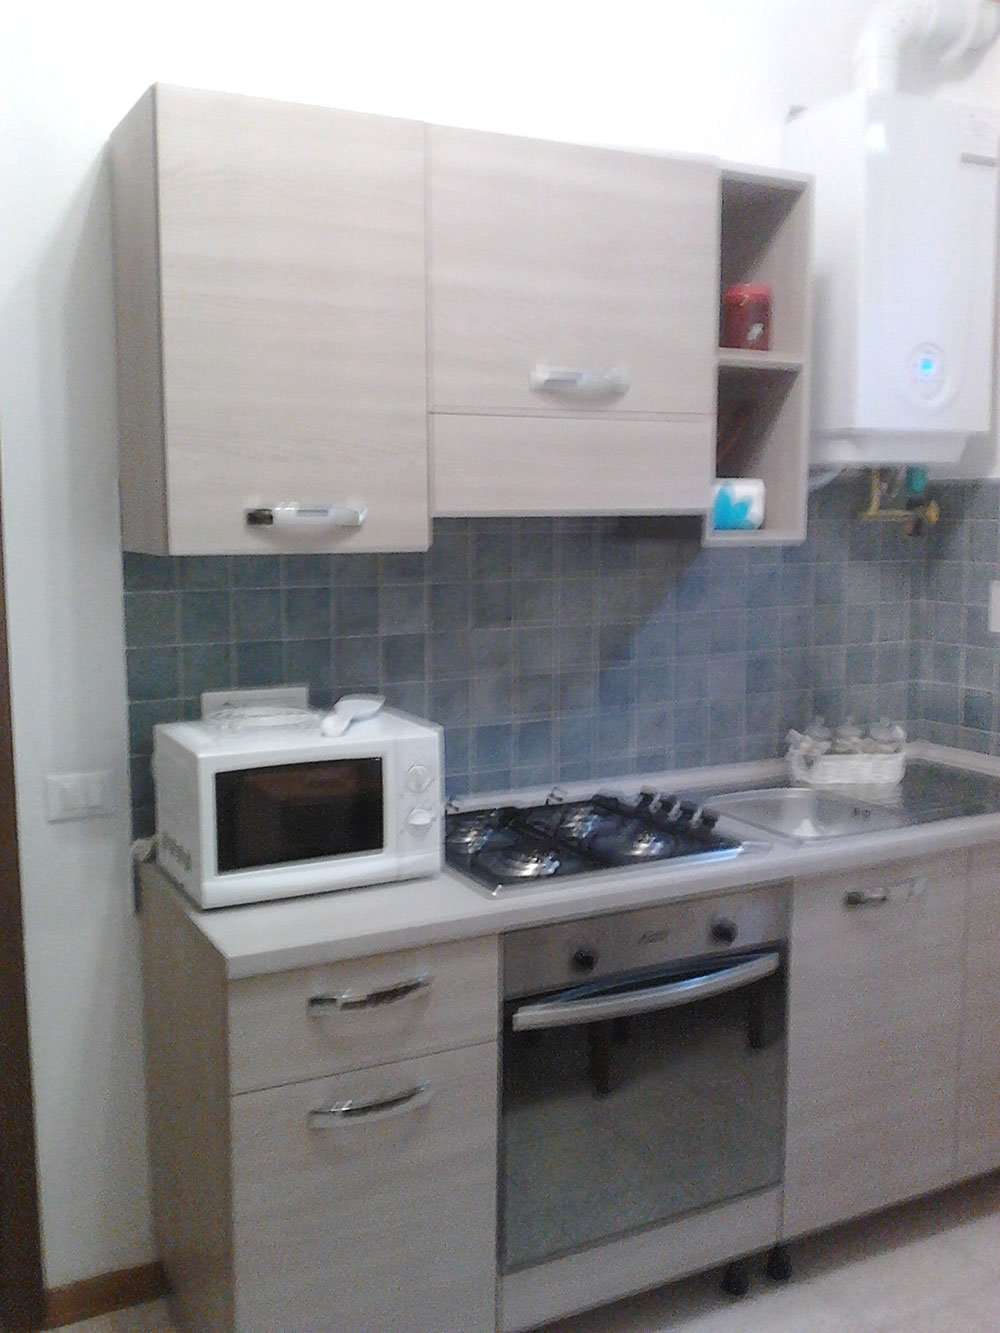 una cucina di color beige con sopra al piano un forno a microonde